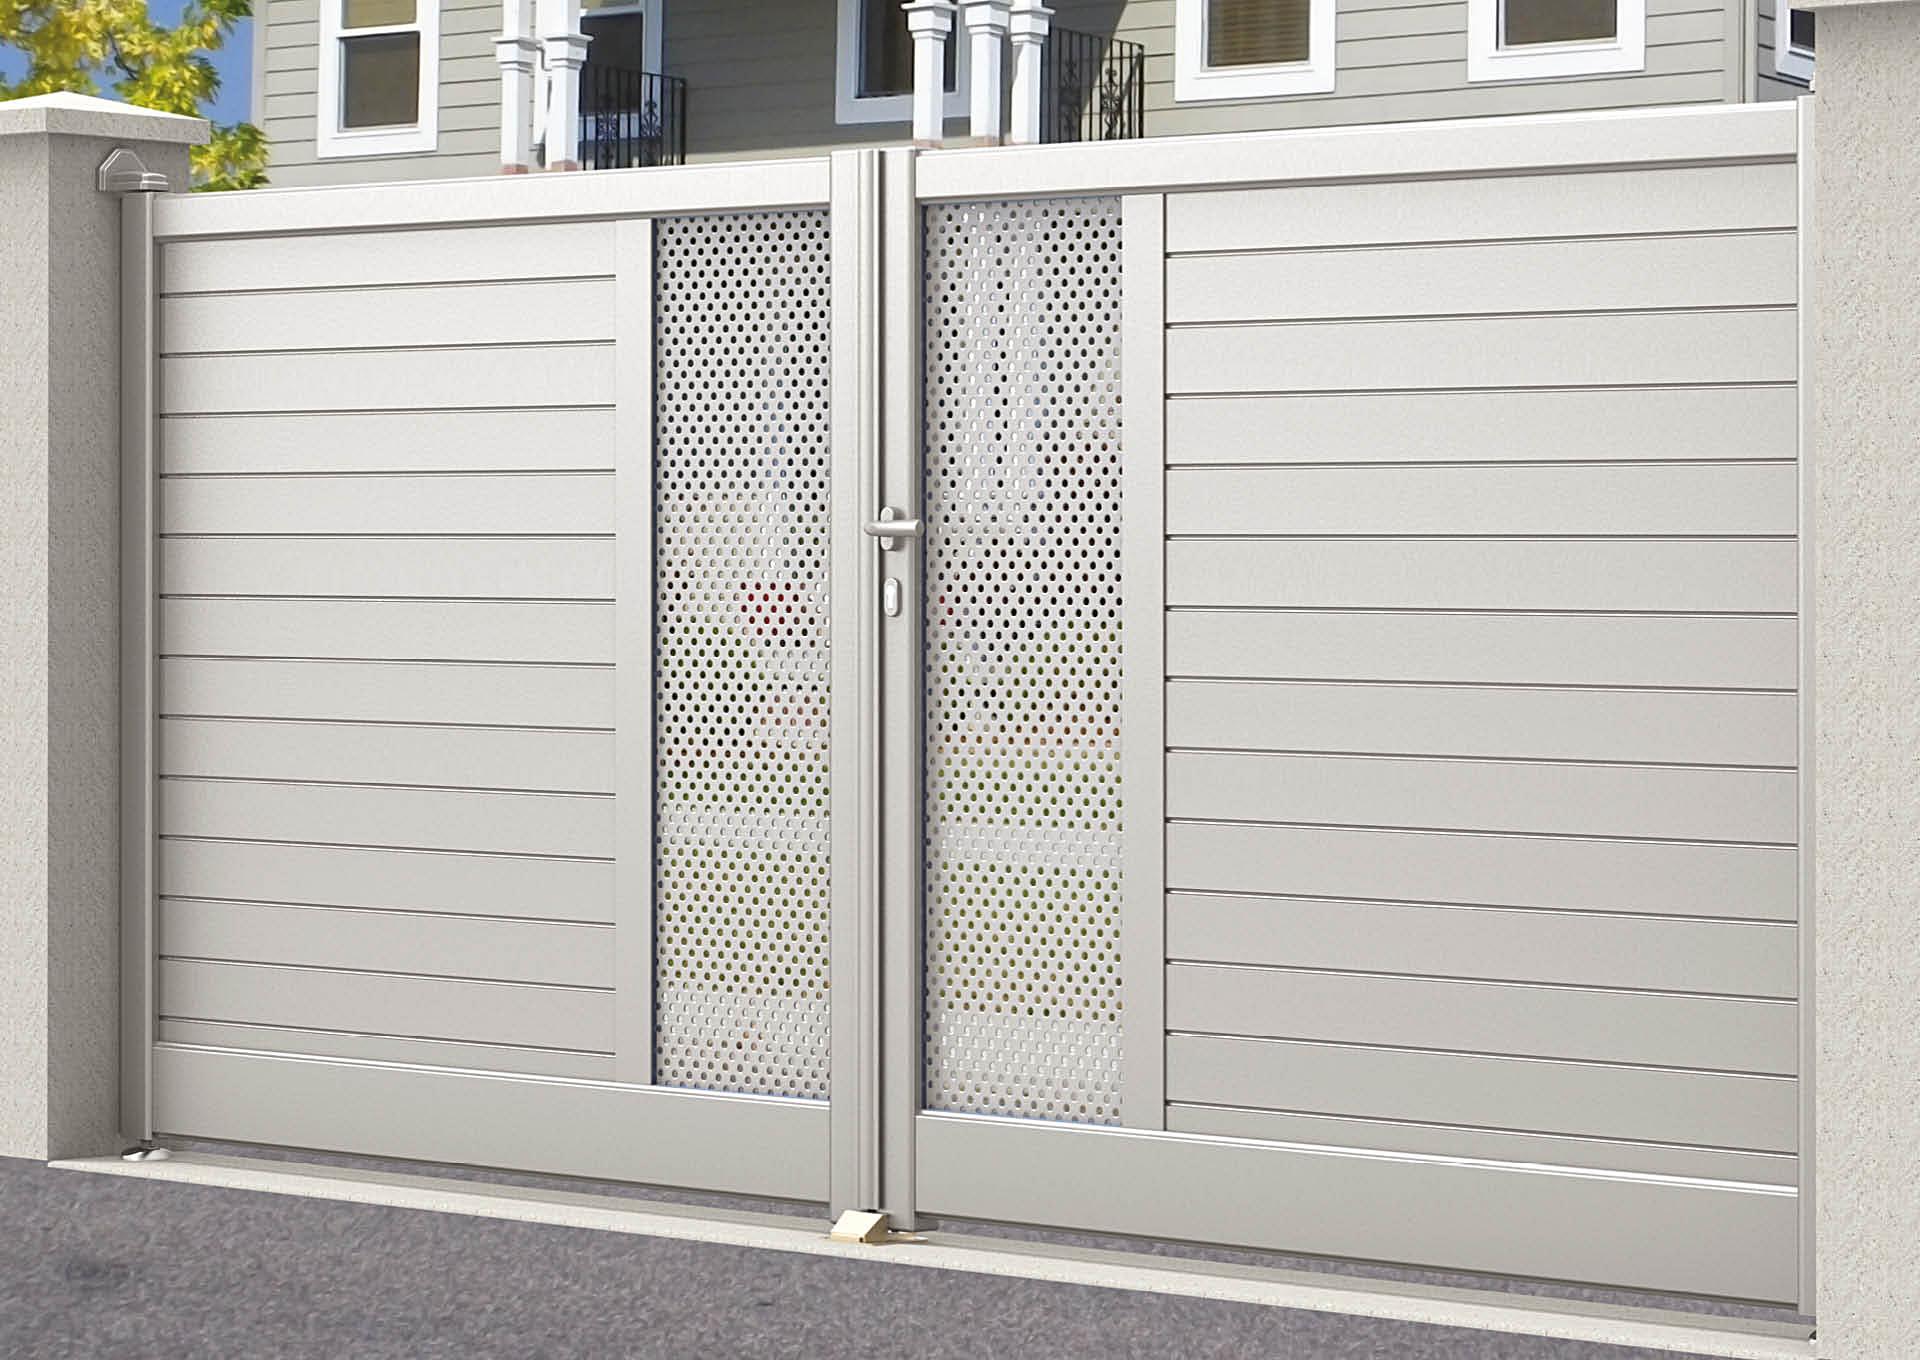 Portail battant en aluminium Lames horizontales 100 mm + décor tôle perforée Ø6 mm